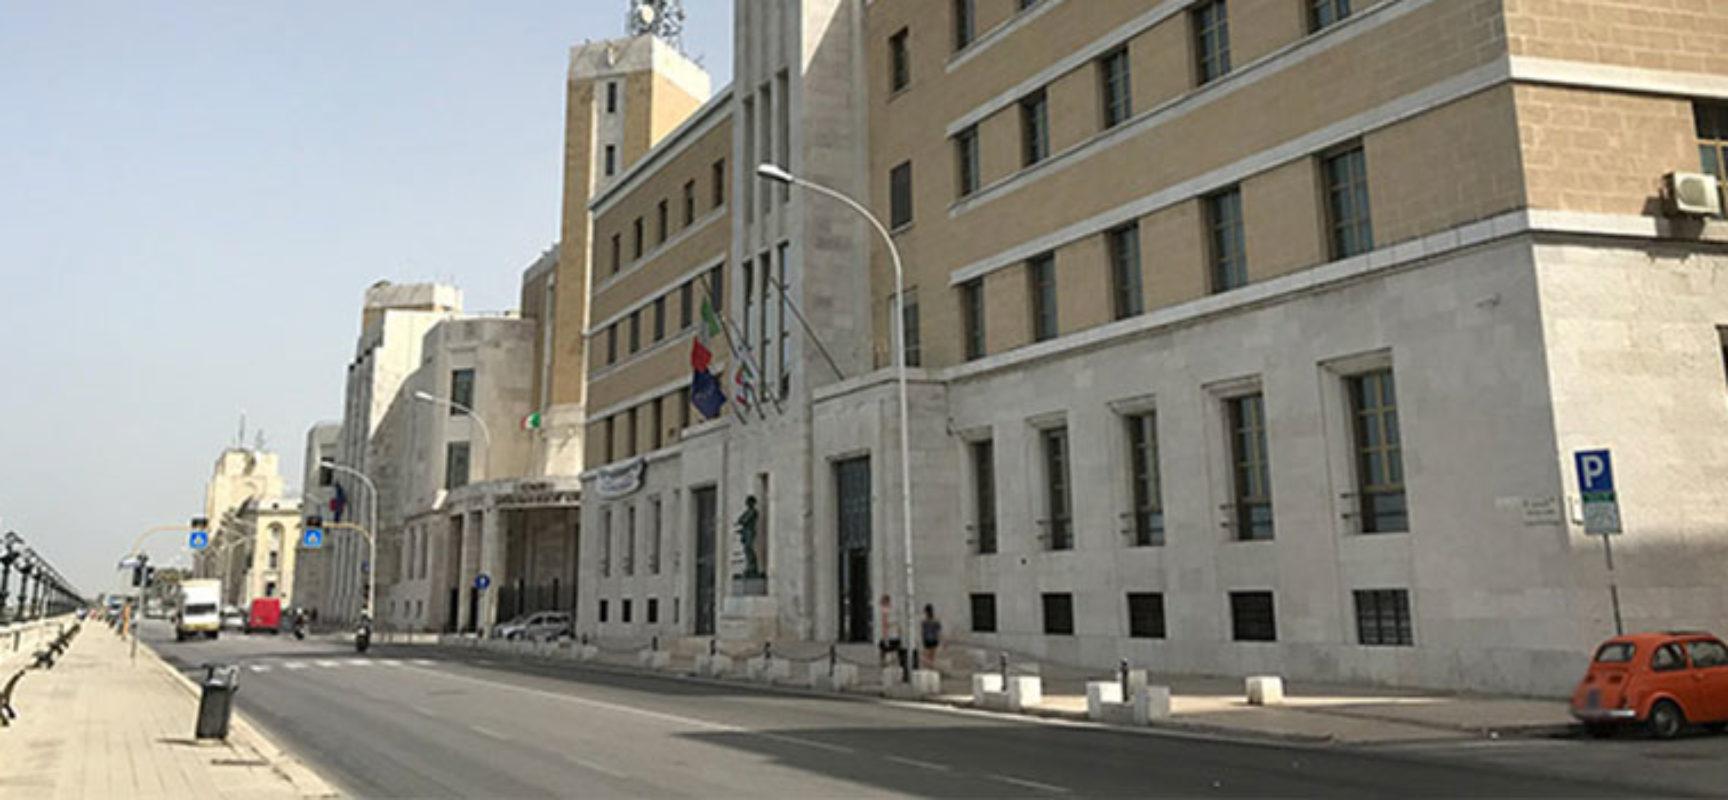 Bando Tutela beni culturali, Circolo Lettori – Presidio del Libro ottiene 12mila euro dalla Regione